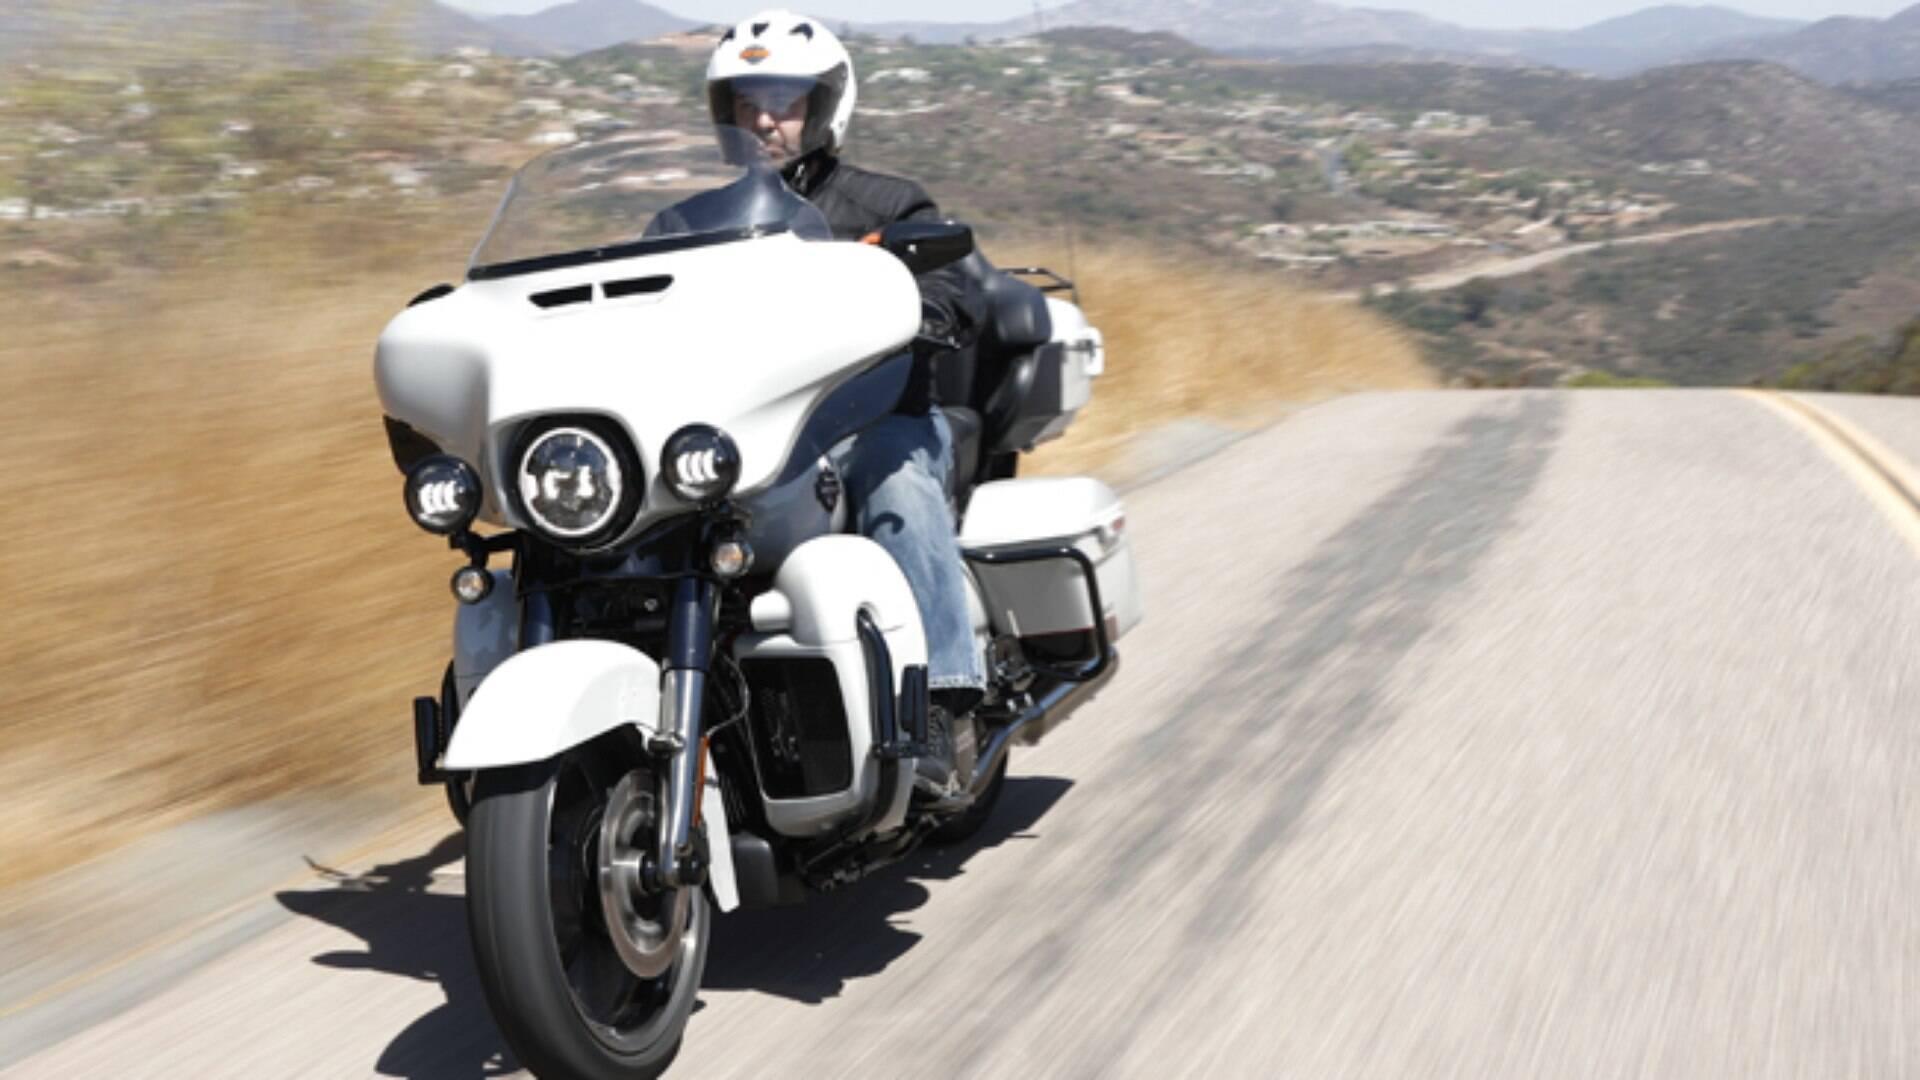 Um Passeio Pelo Sul Da California De Harley Cultura Da Motocicleta Ig